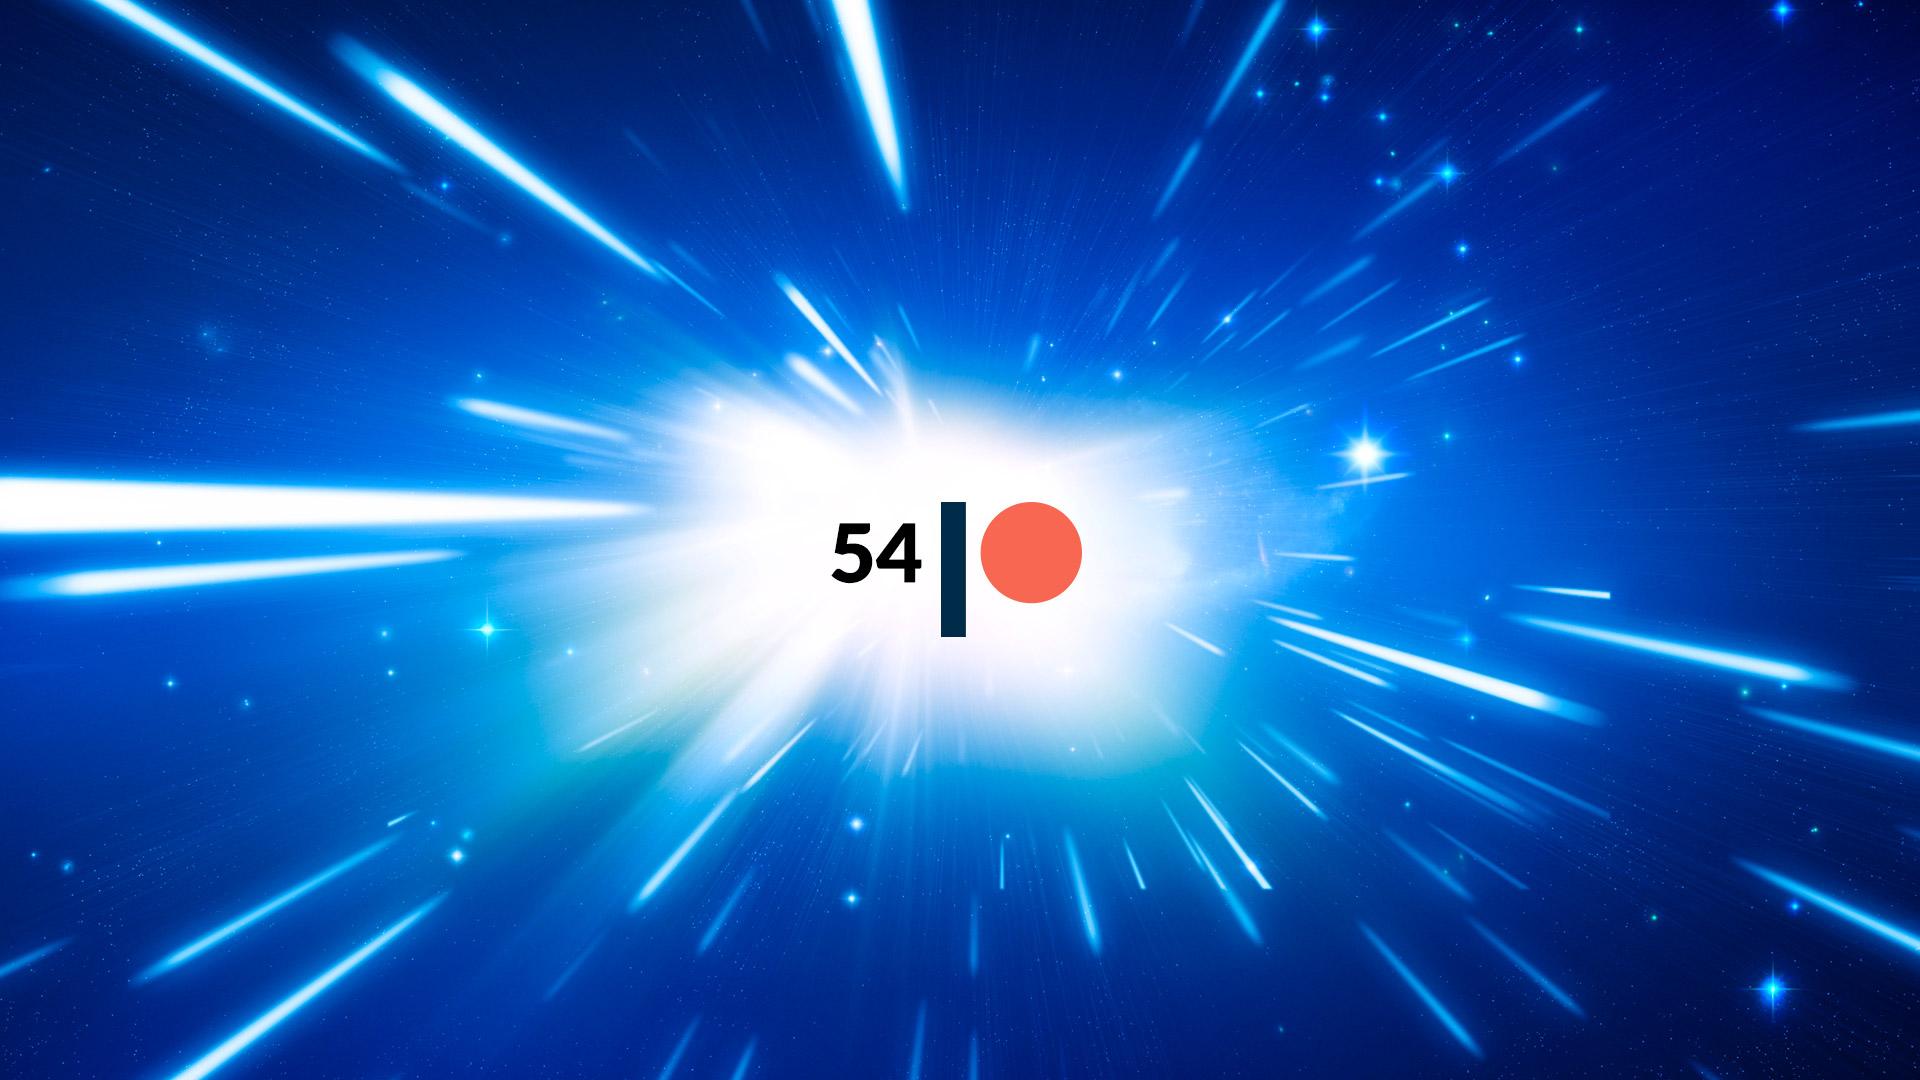 PR-54-Widescreen.jpg